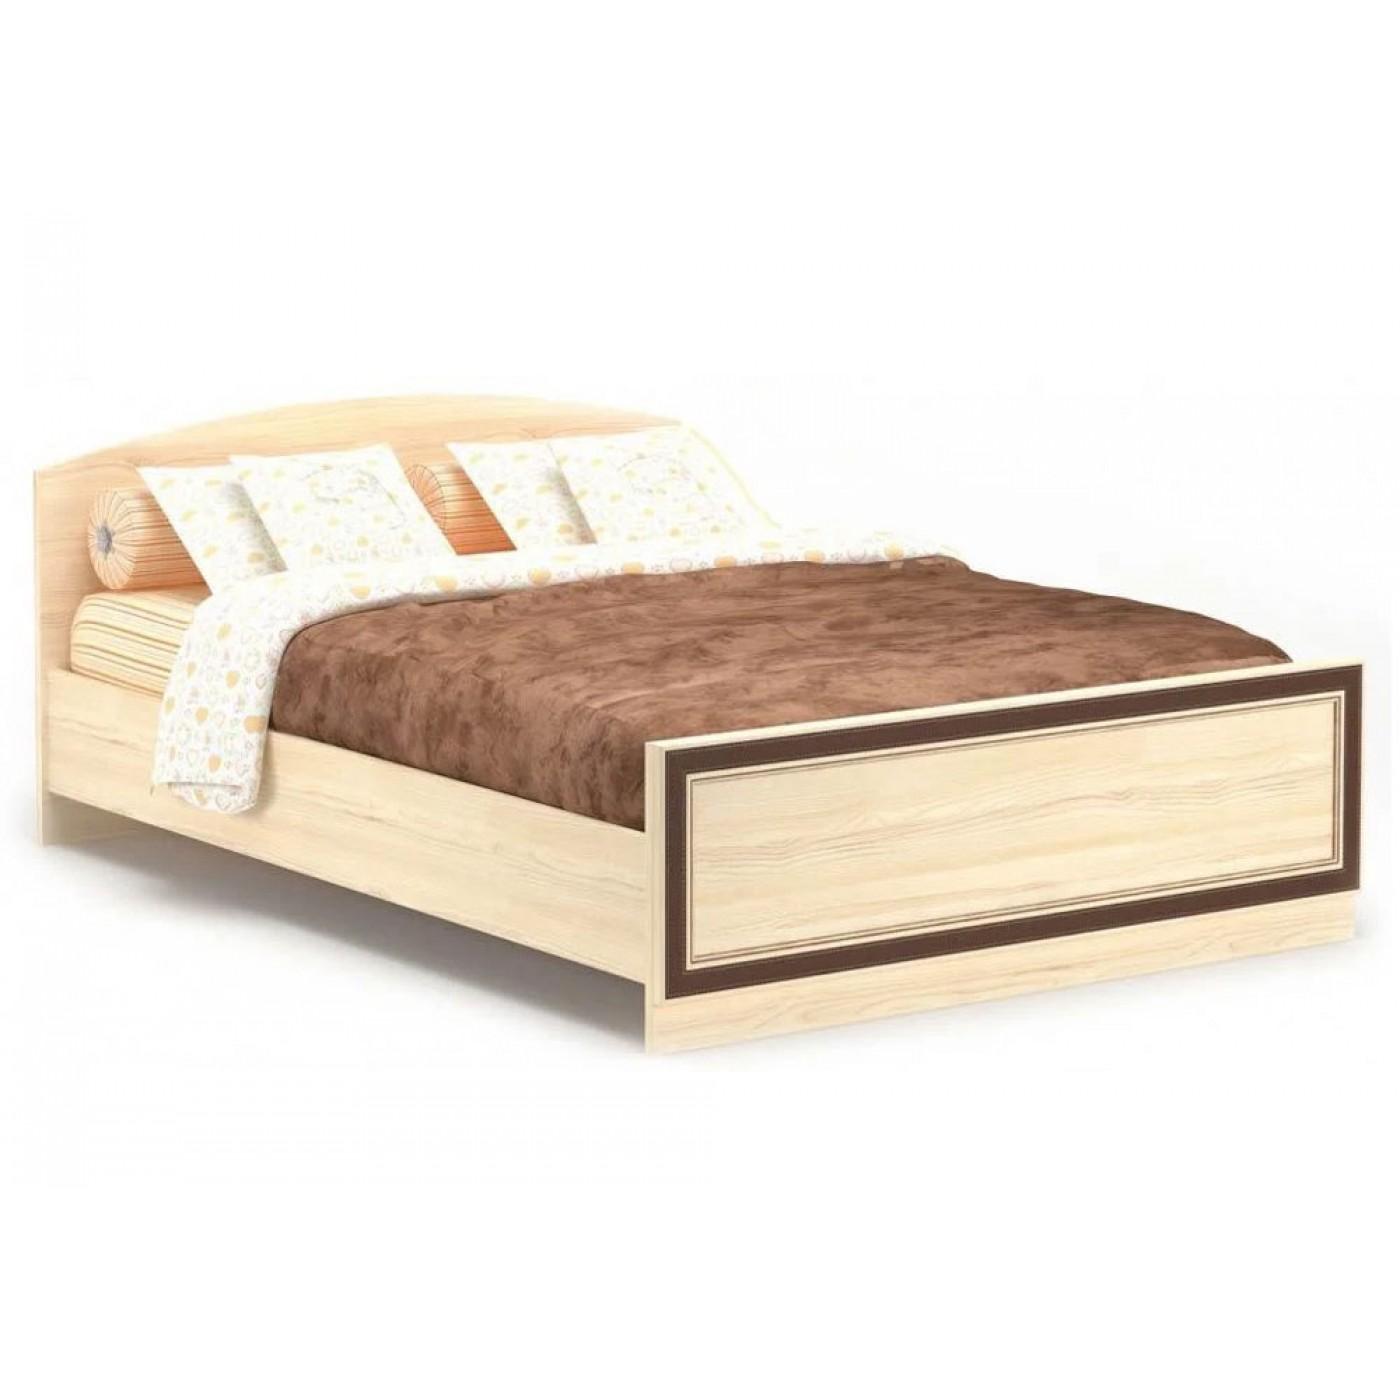 Дисней Кровать 140 + ортопедический вклад